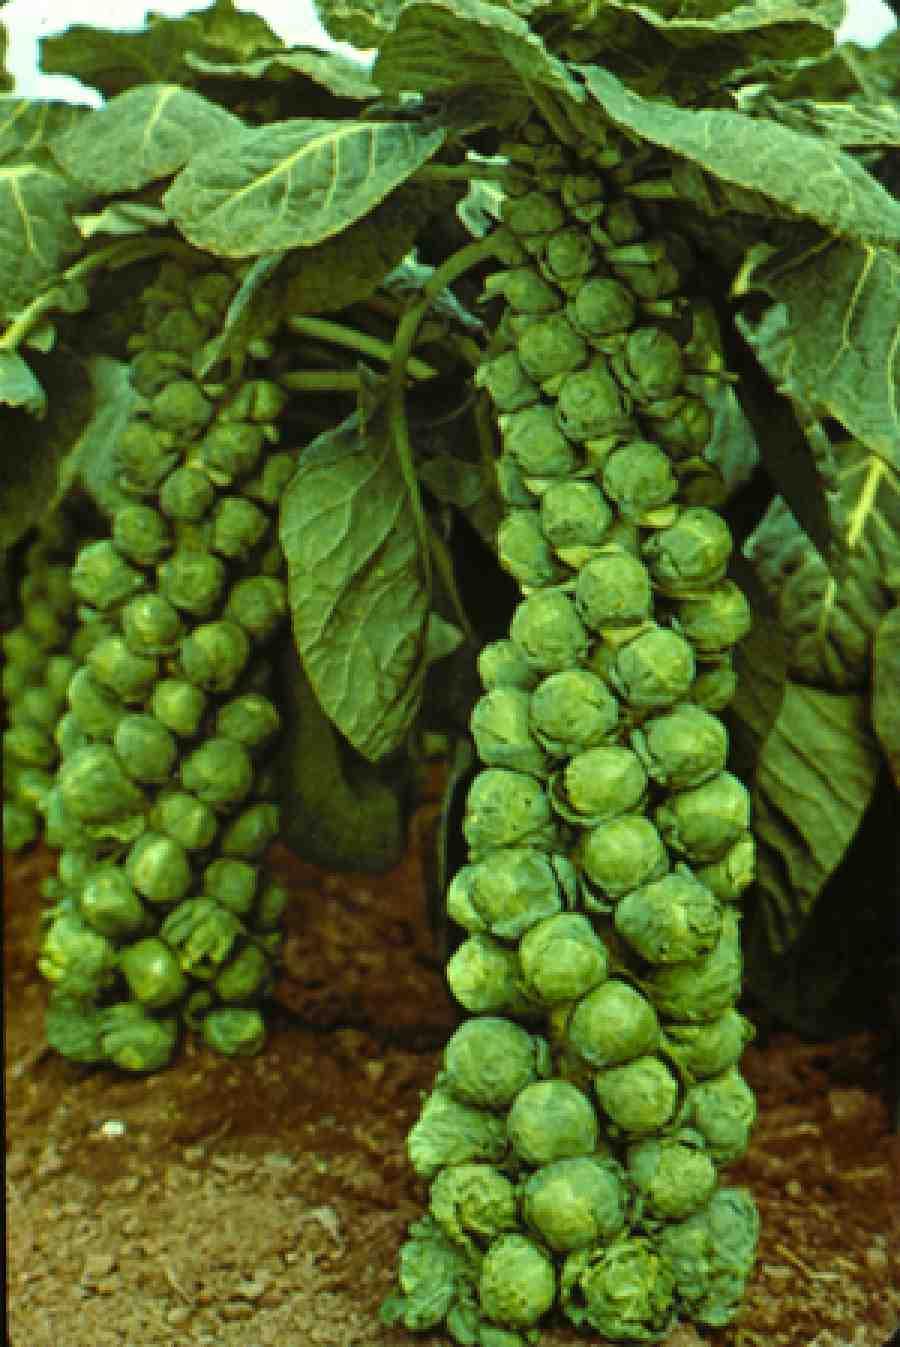 Какие бывают сорта капусты ? Кольраби, Цветная капуста, Совойская.